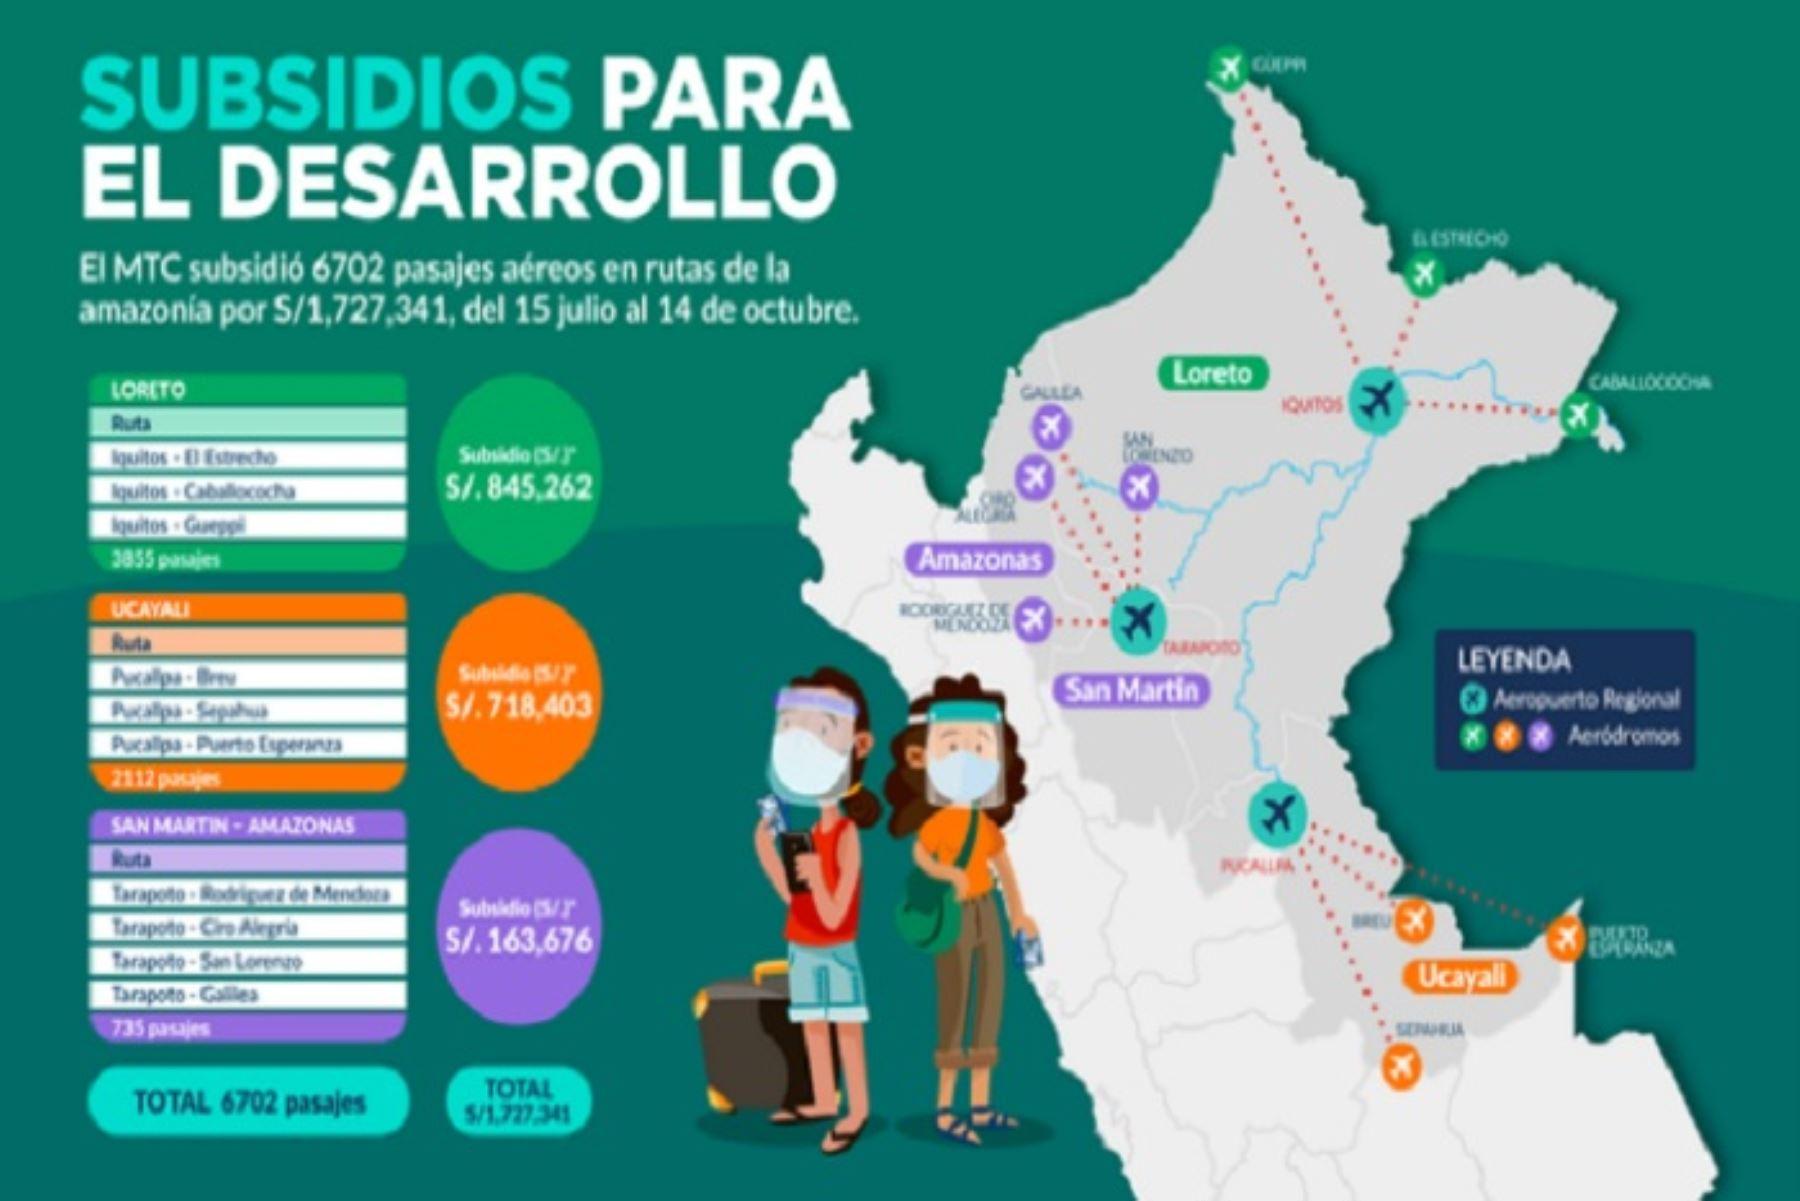 mtc-subsidio-mas-de-6700-pasajes-aereos-en-rutas-de-la-amazonia-por-s-17-millones